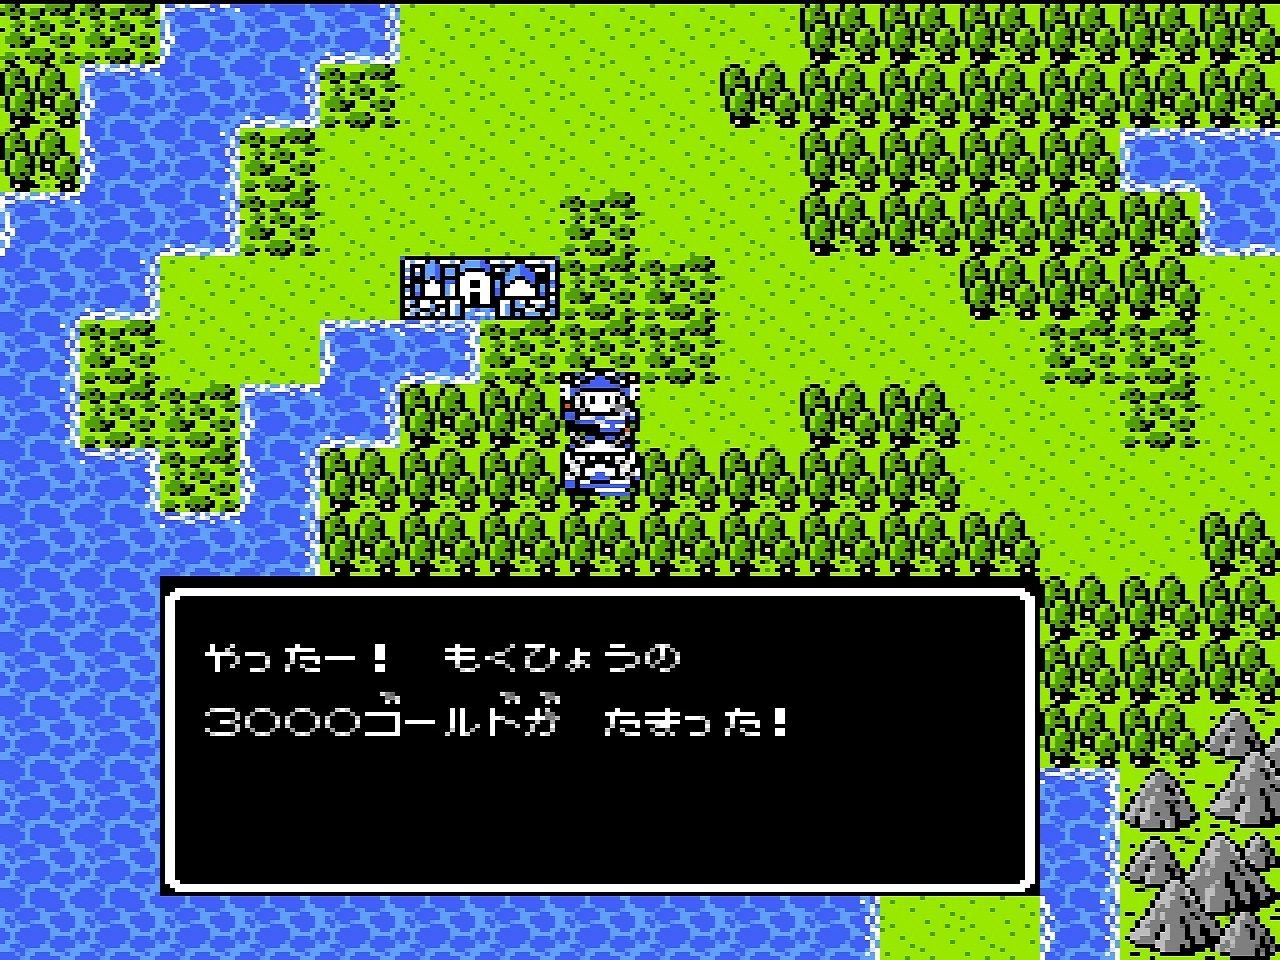 一番好きな「ガンダムゲーム」ランキング セガサターンの傑作を生んだ「ギレンの野望」シリーズが2位!の画像005